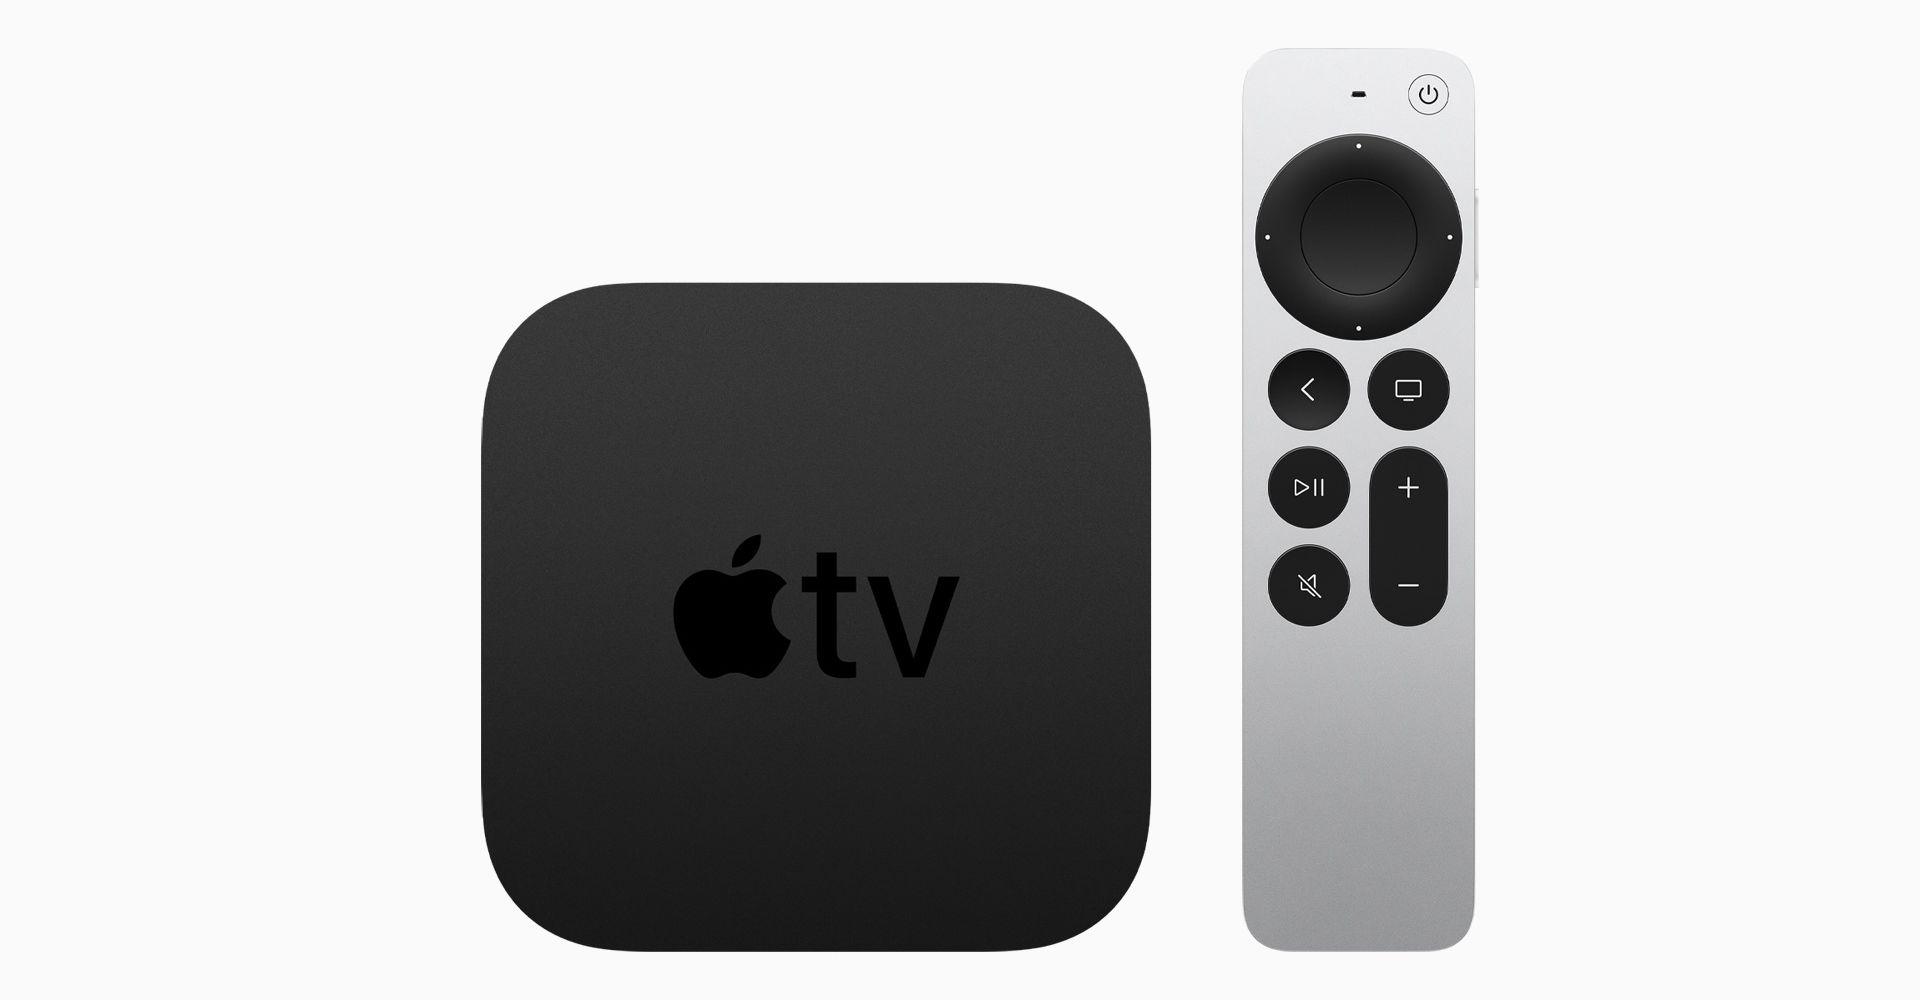 Apple TV 4K mit Siri Remote.